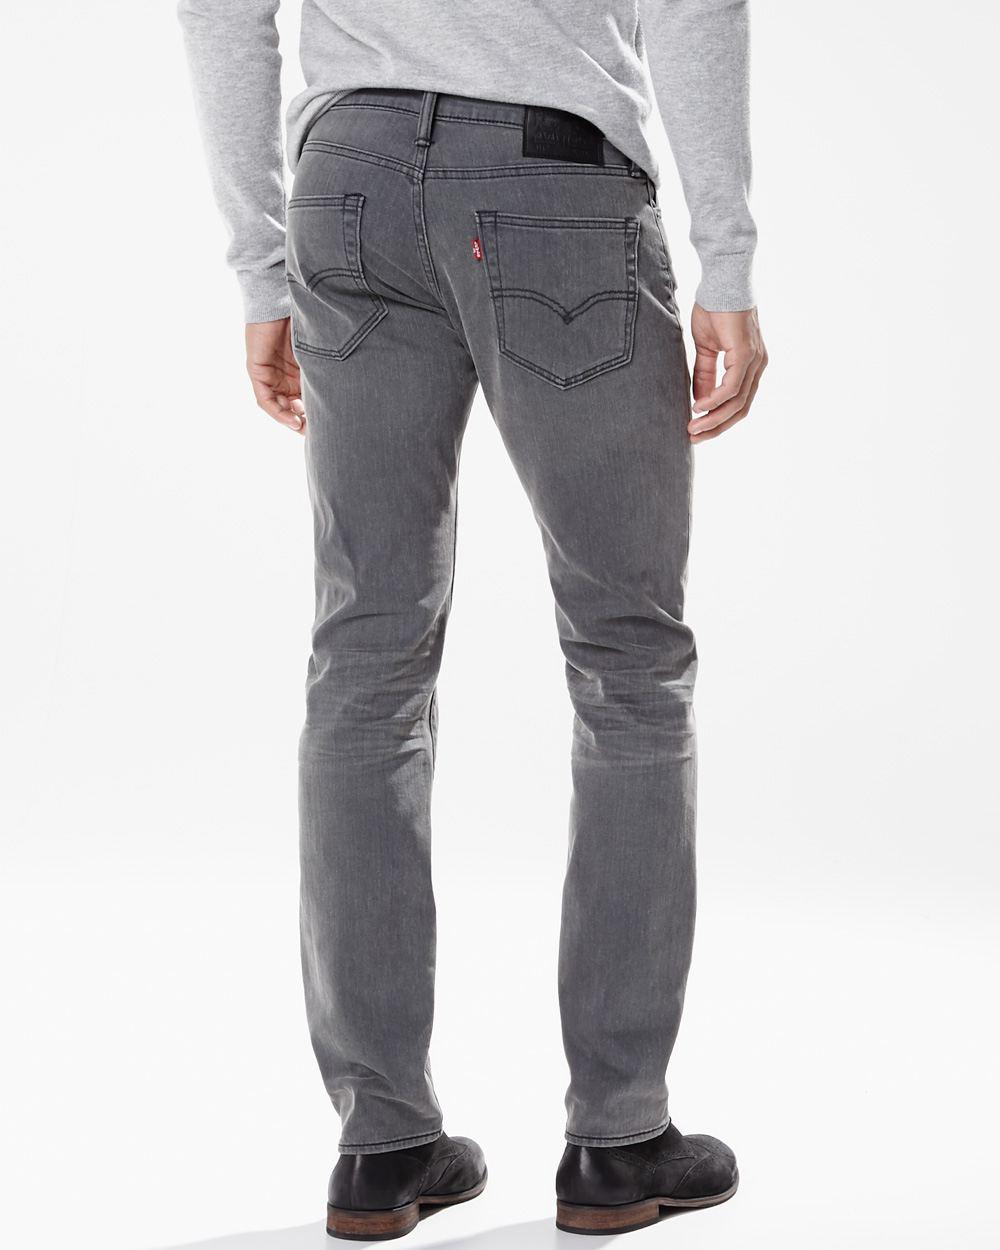 Levi's 511 slim fit jeans joplin